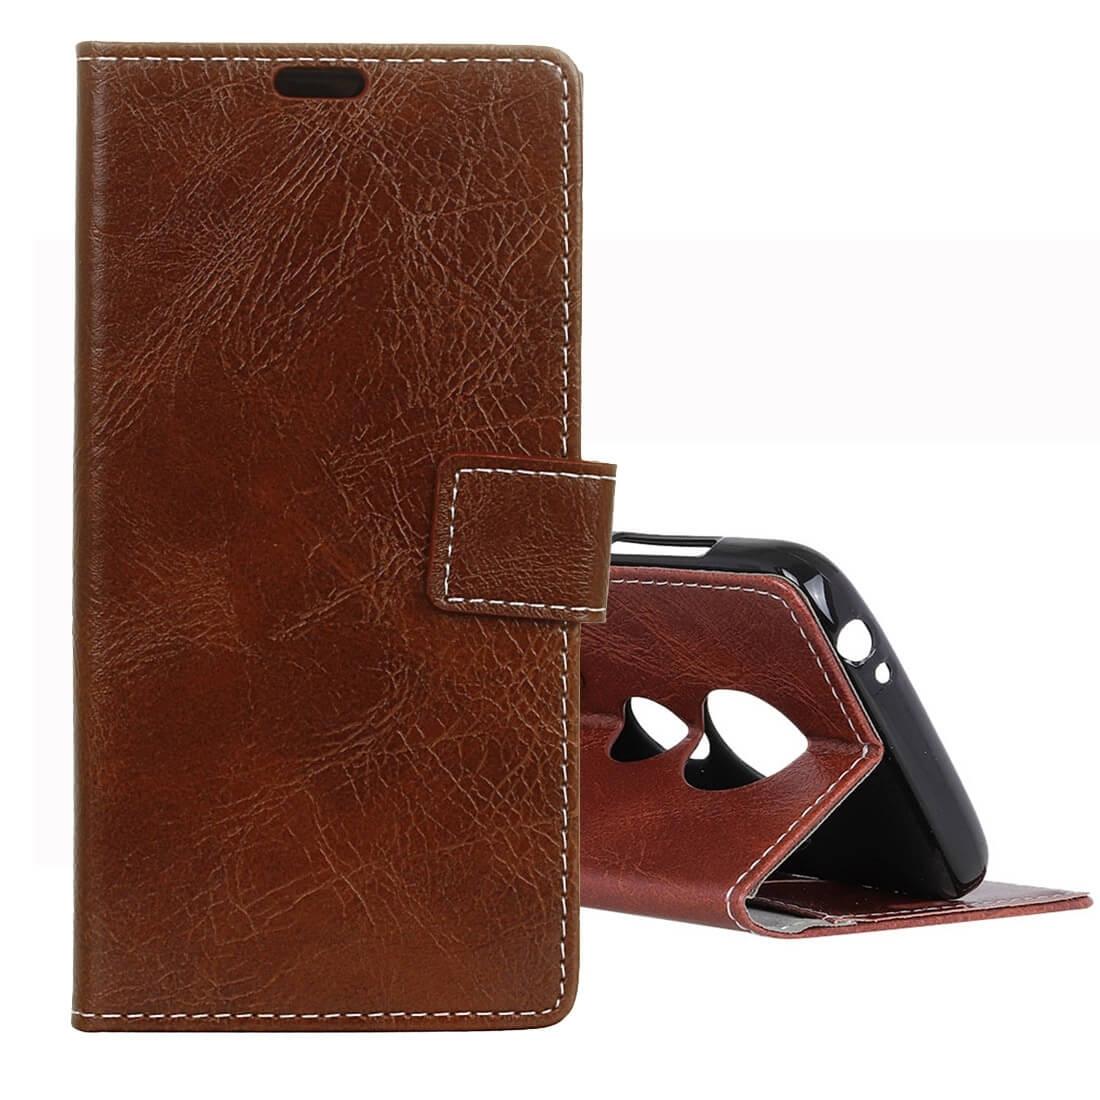 FORCELL RETRO Peňaženkový obal Motorola Moto G7 Play hnědý